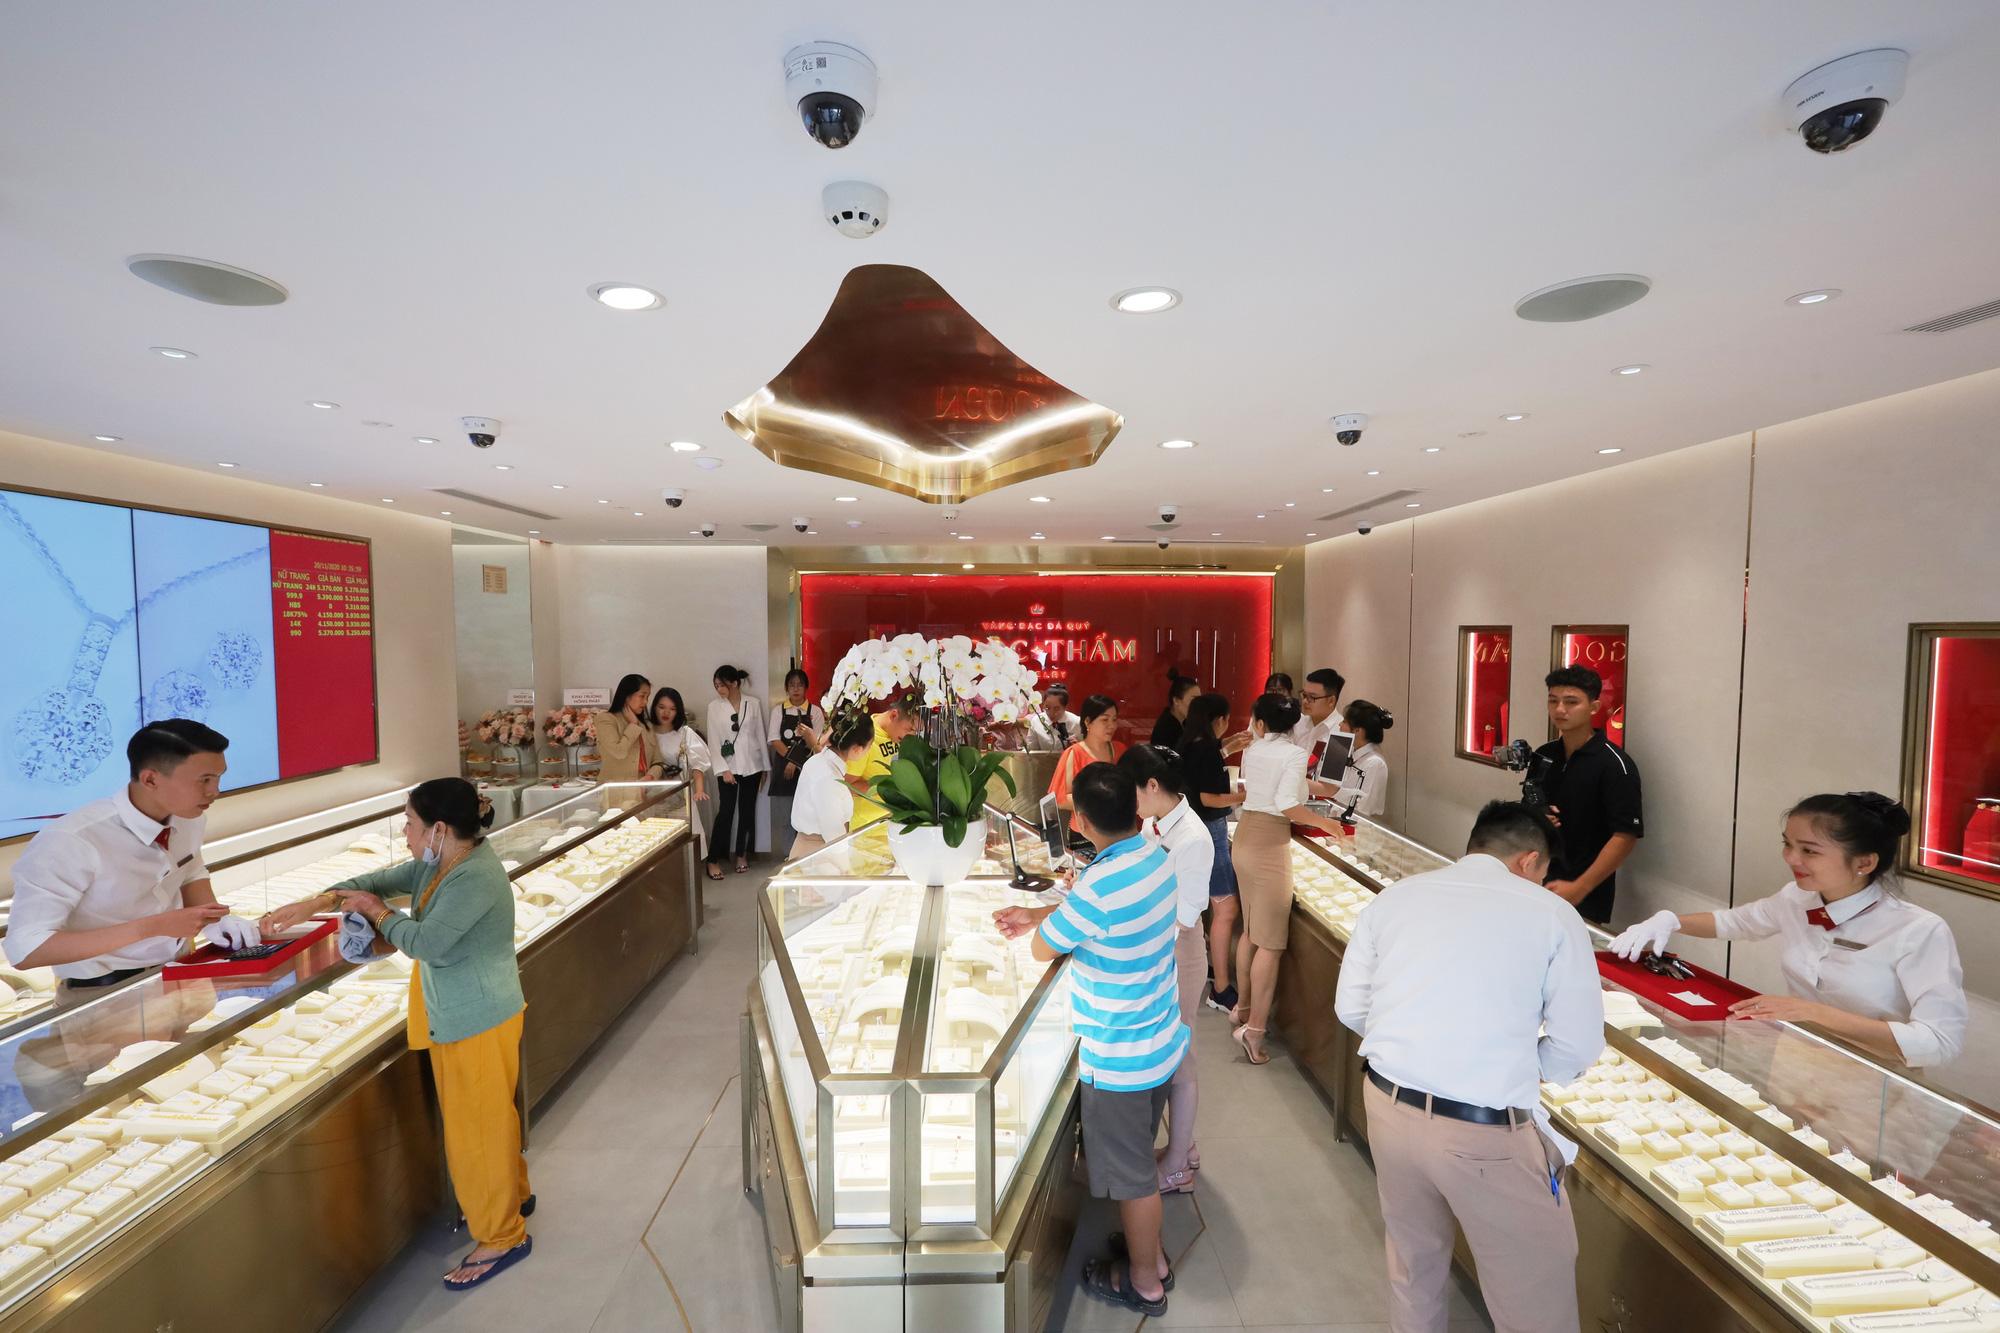 Các tín đồ trang sức háo hức check-in không gian mua sắm khác biệt tại NTJ Shophouse Cần Thơ - Ảnh 2.